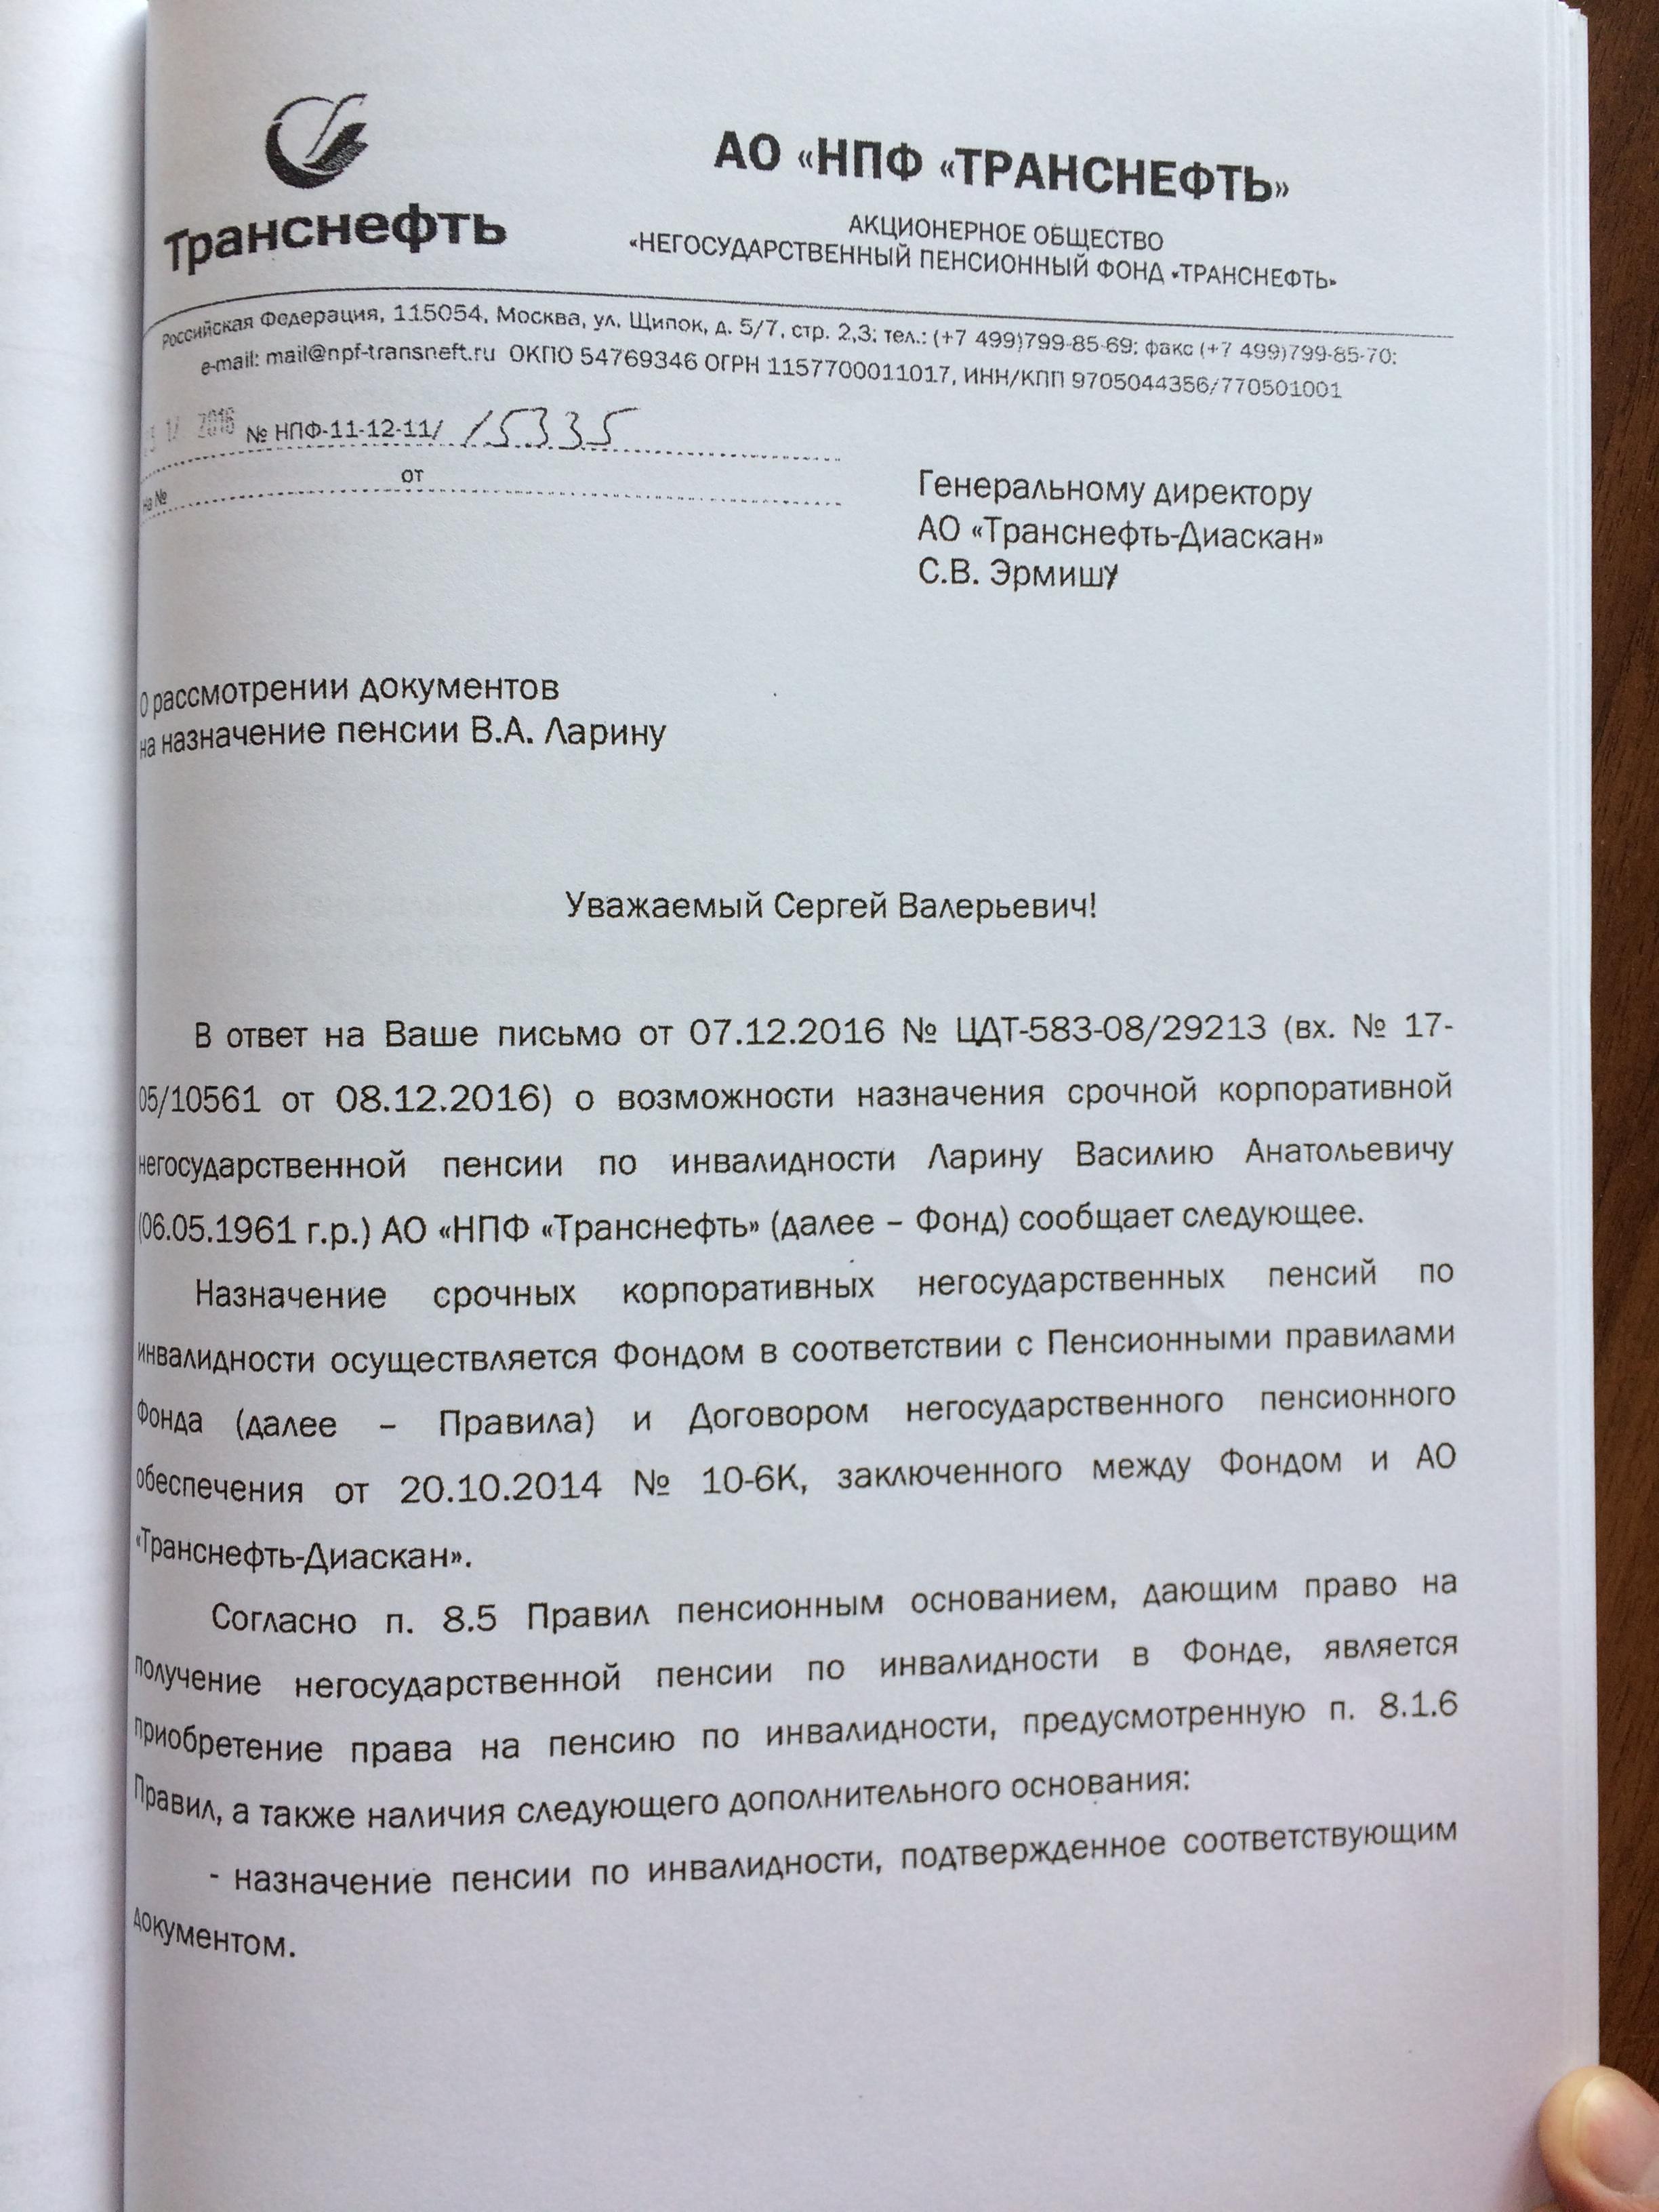 Фото документов проверки Луховицкой городской прокуратурой - 48 (5)